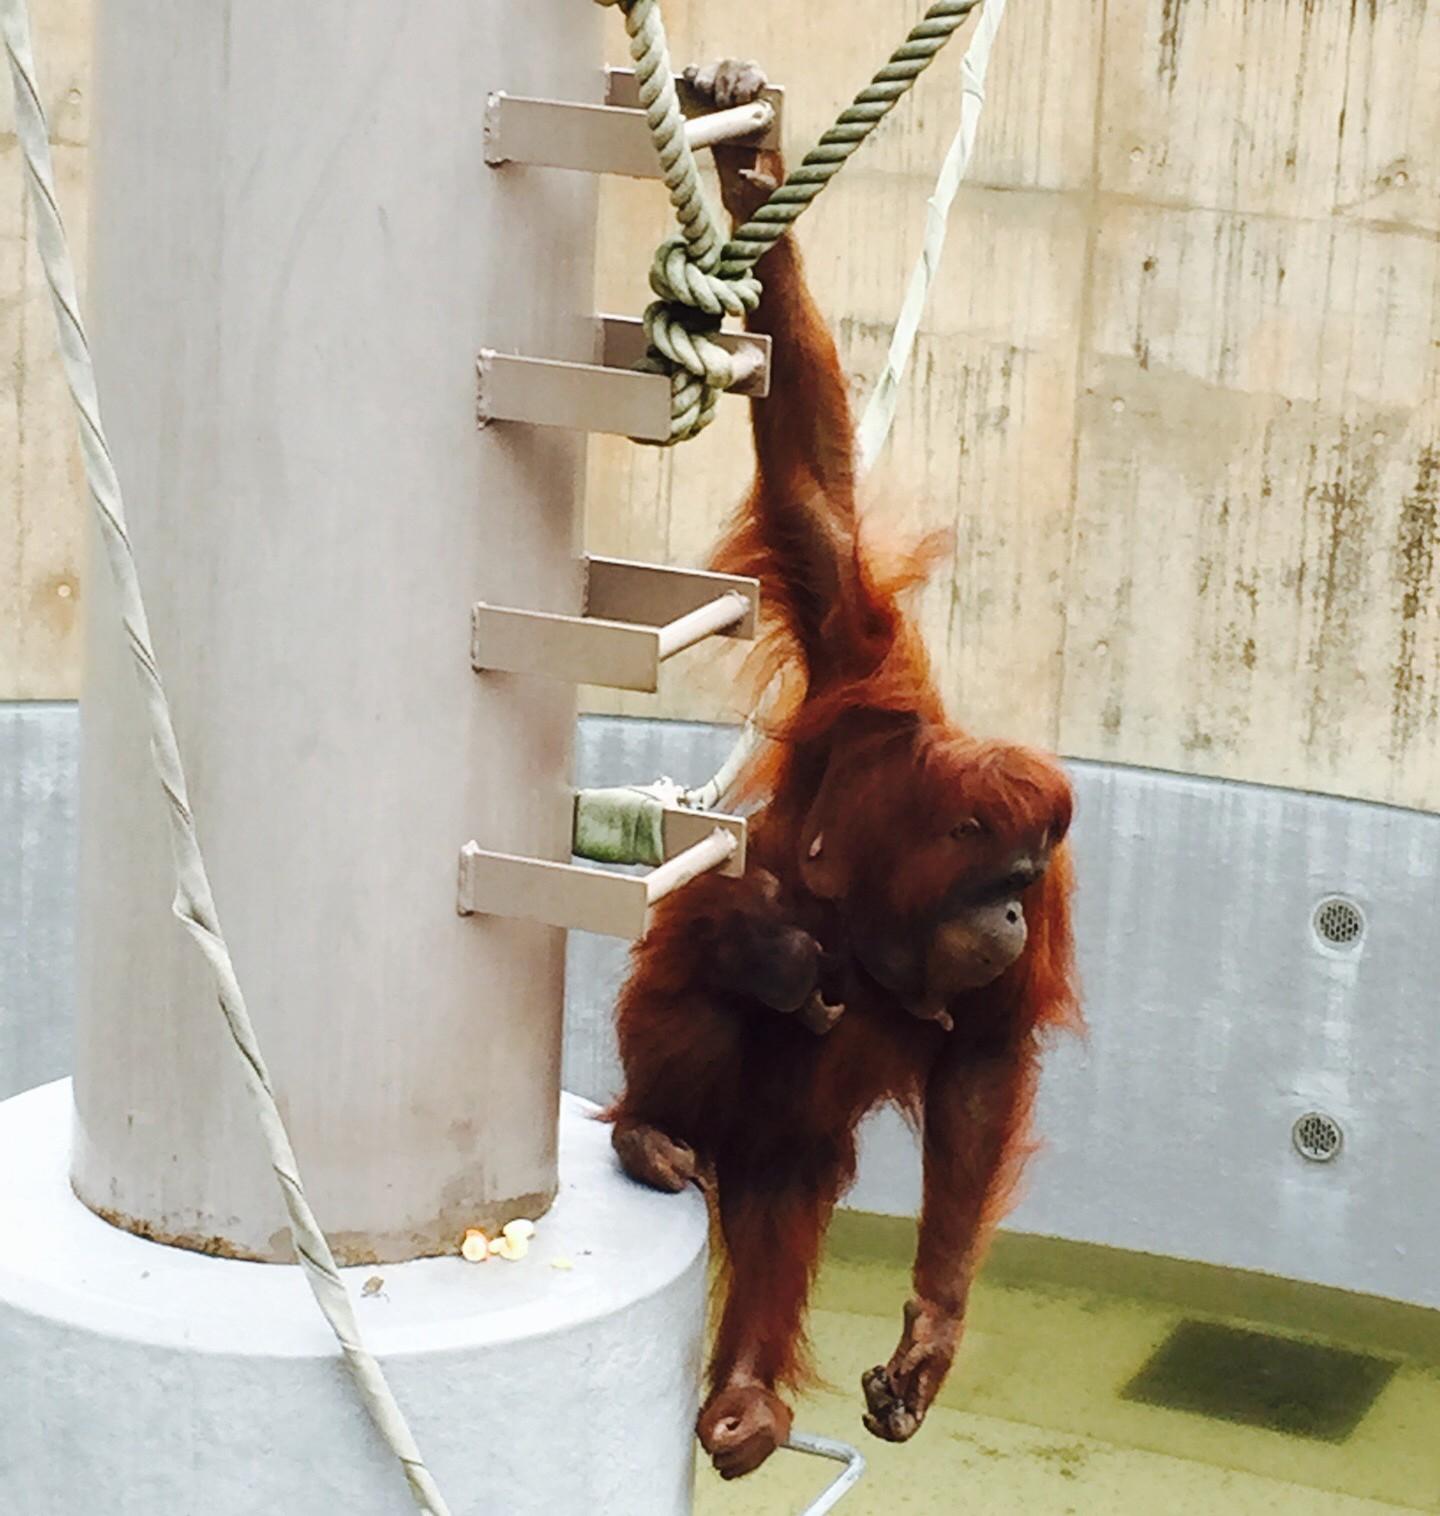 旭山動物園のオランウータン リアン